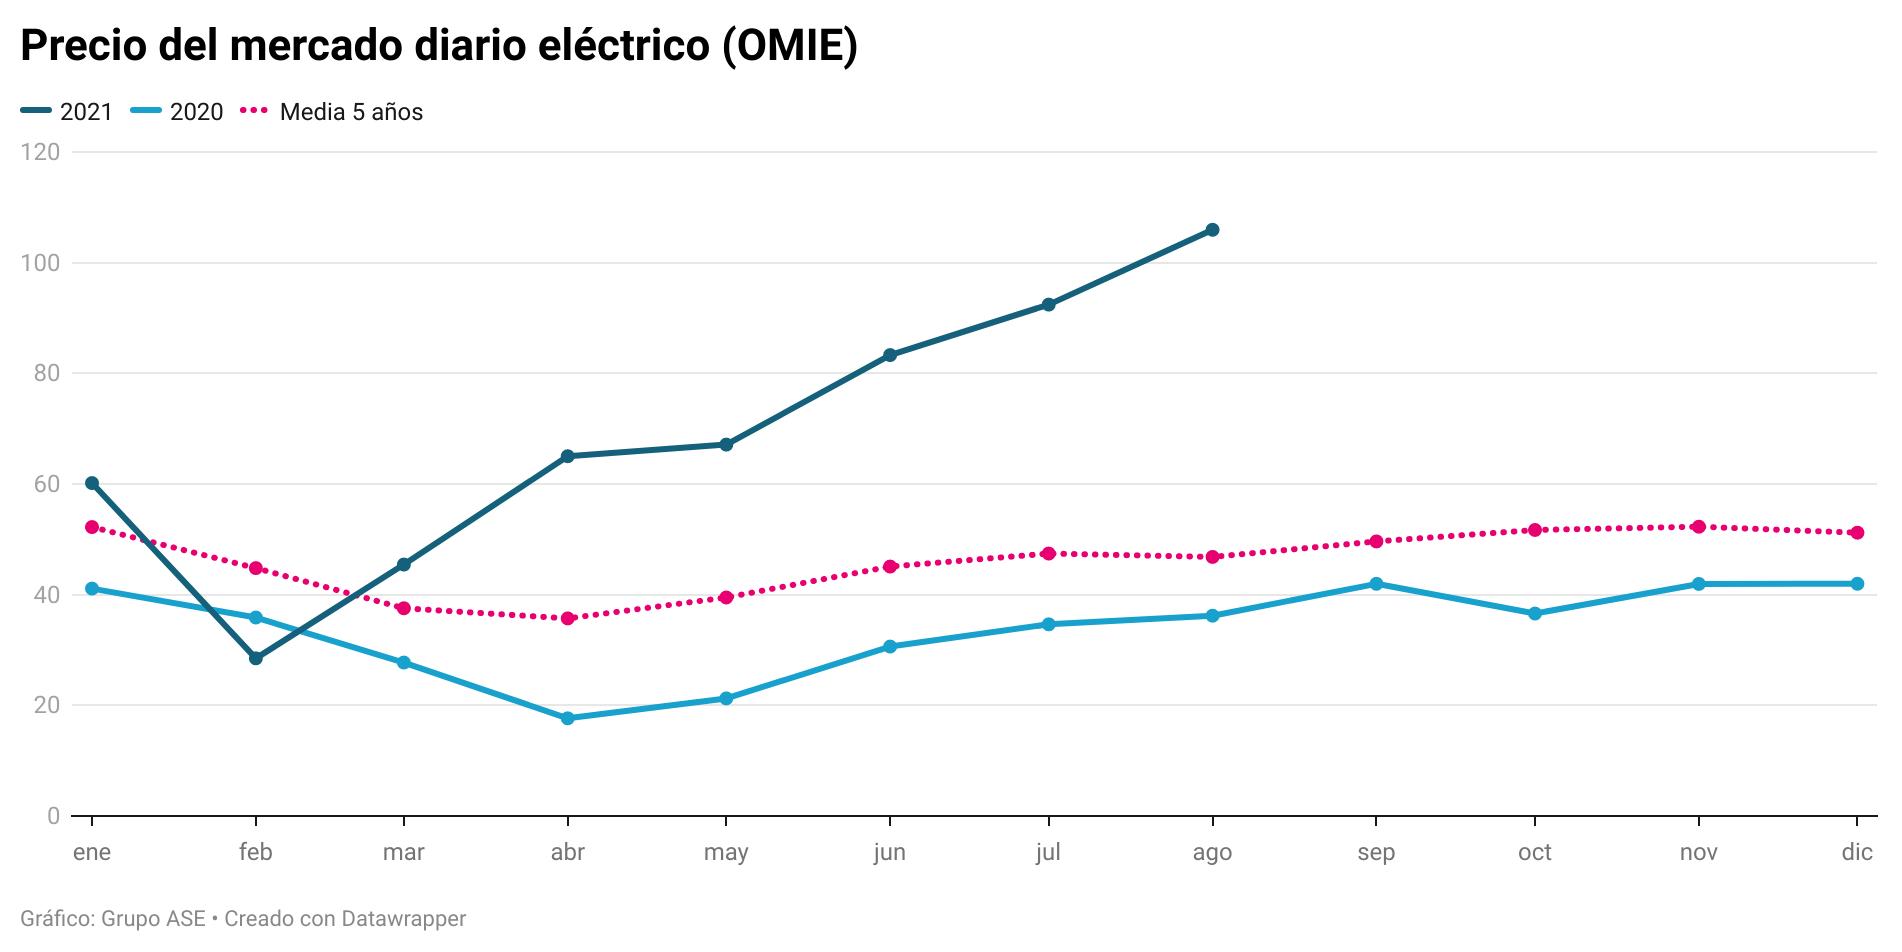 """Un """"parón"""" eólico permite la entrada de gas e hidráulica y sube la luz a 105,96 €/MWh"""